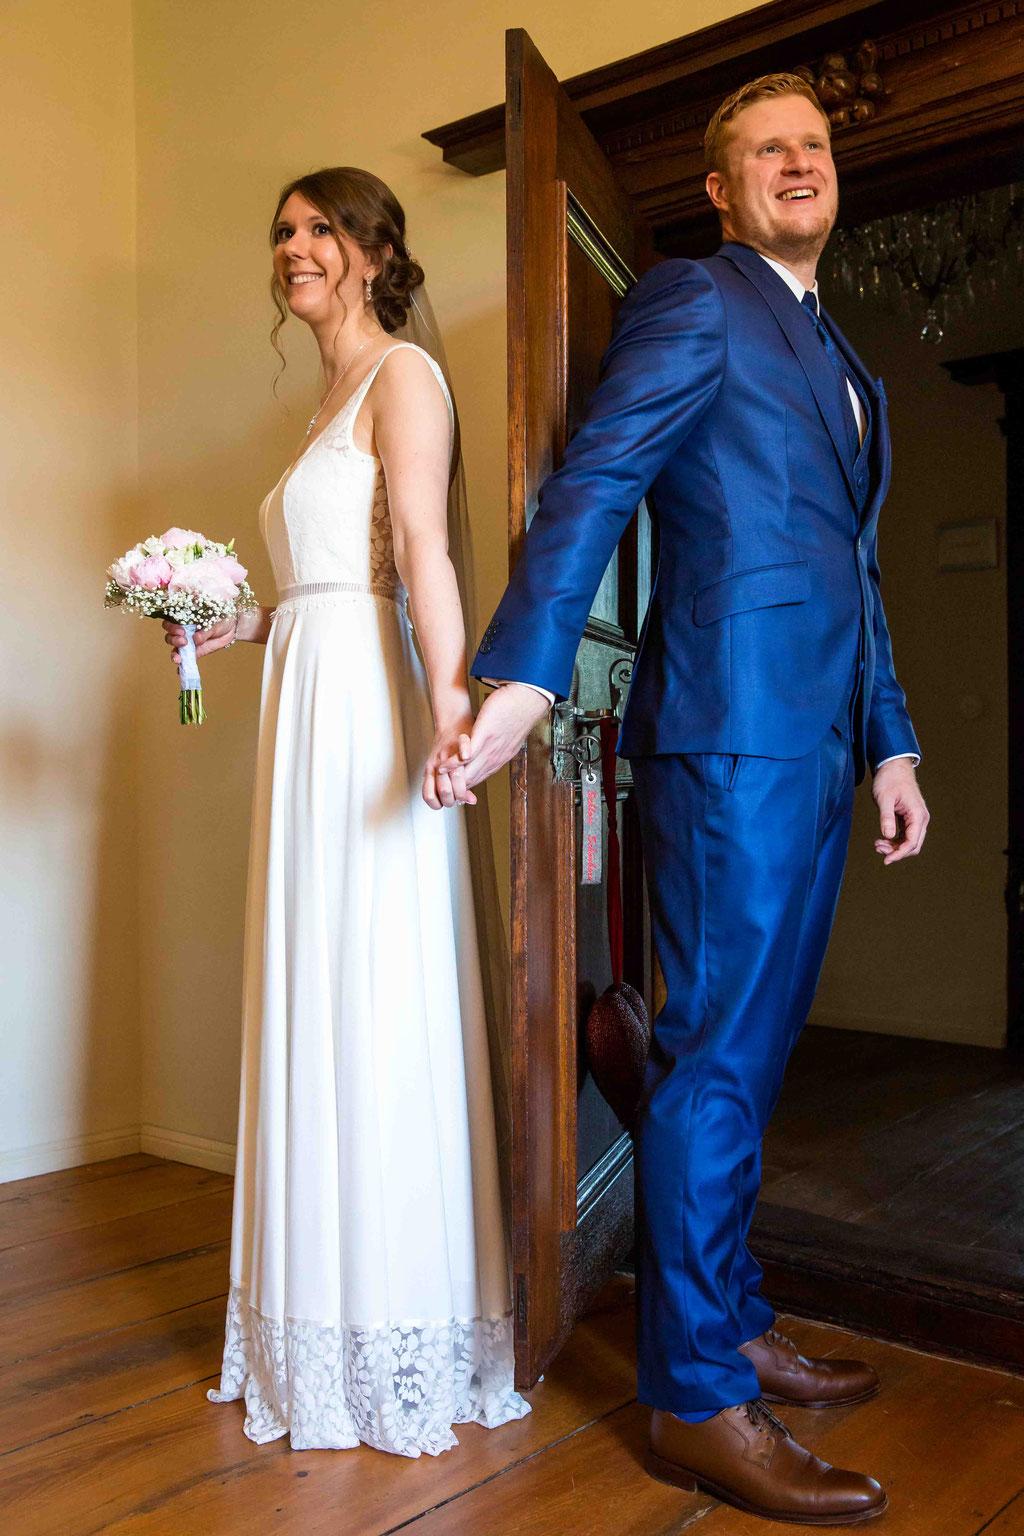 First Look, Erste Begegnung von Braut und Bräutigam, Hochzeitsfotos neumodisch, Hochzeitsbild Brauch Hochzeit